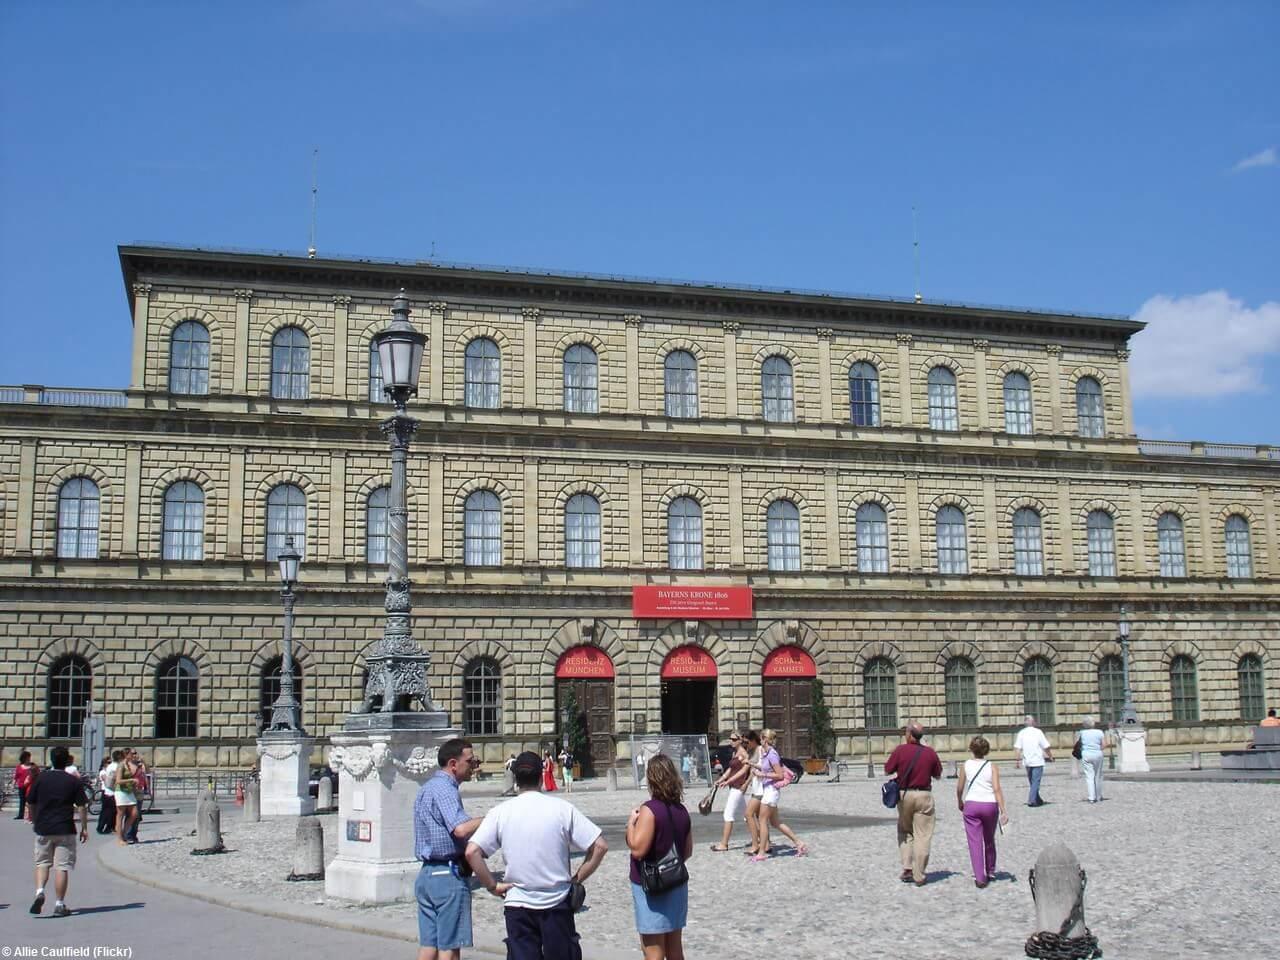 Munich Residenz Museum